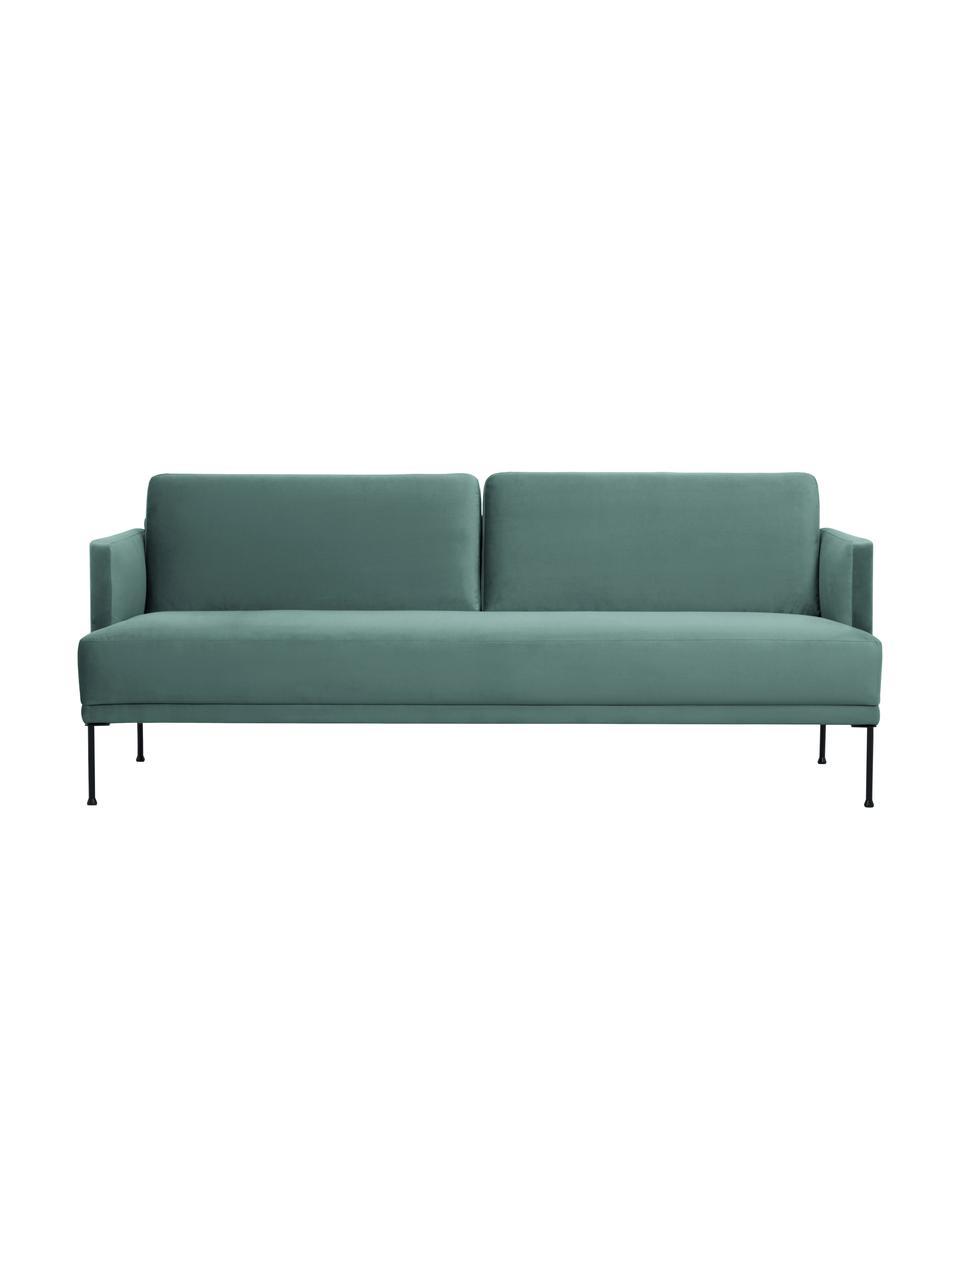 Sofa z aksamitu  z metalowymi nogami Fluente (3-osobowa), Tapicerka: aksamit (wysokiej jakości, Nogi: metal malowany proszkowo, Aksamitny jasny zielony, S 196 x G 85 cm